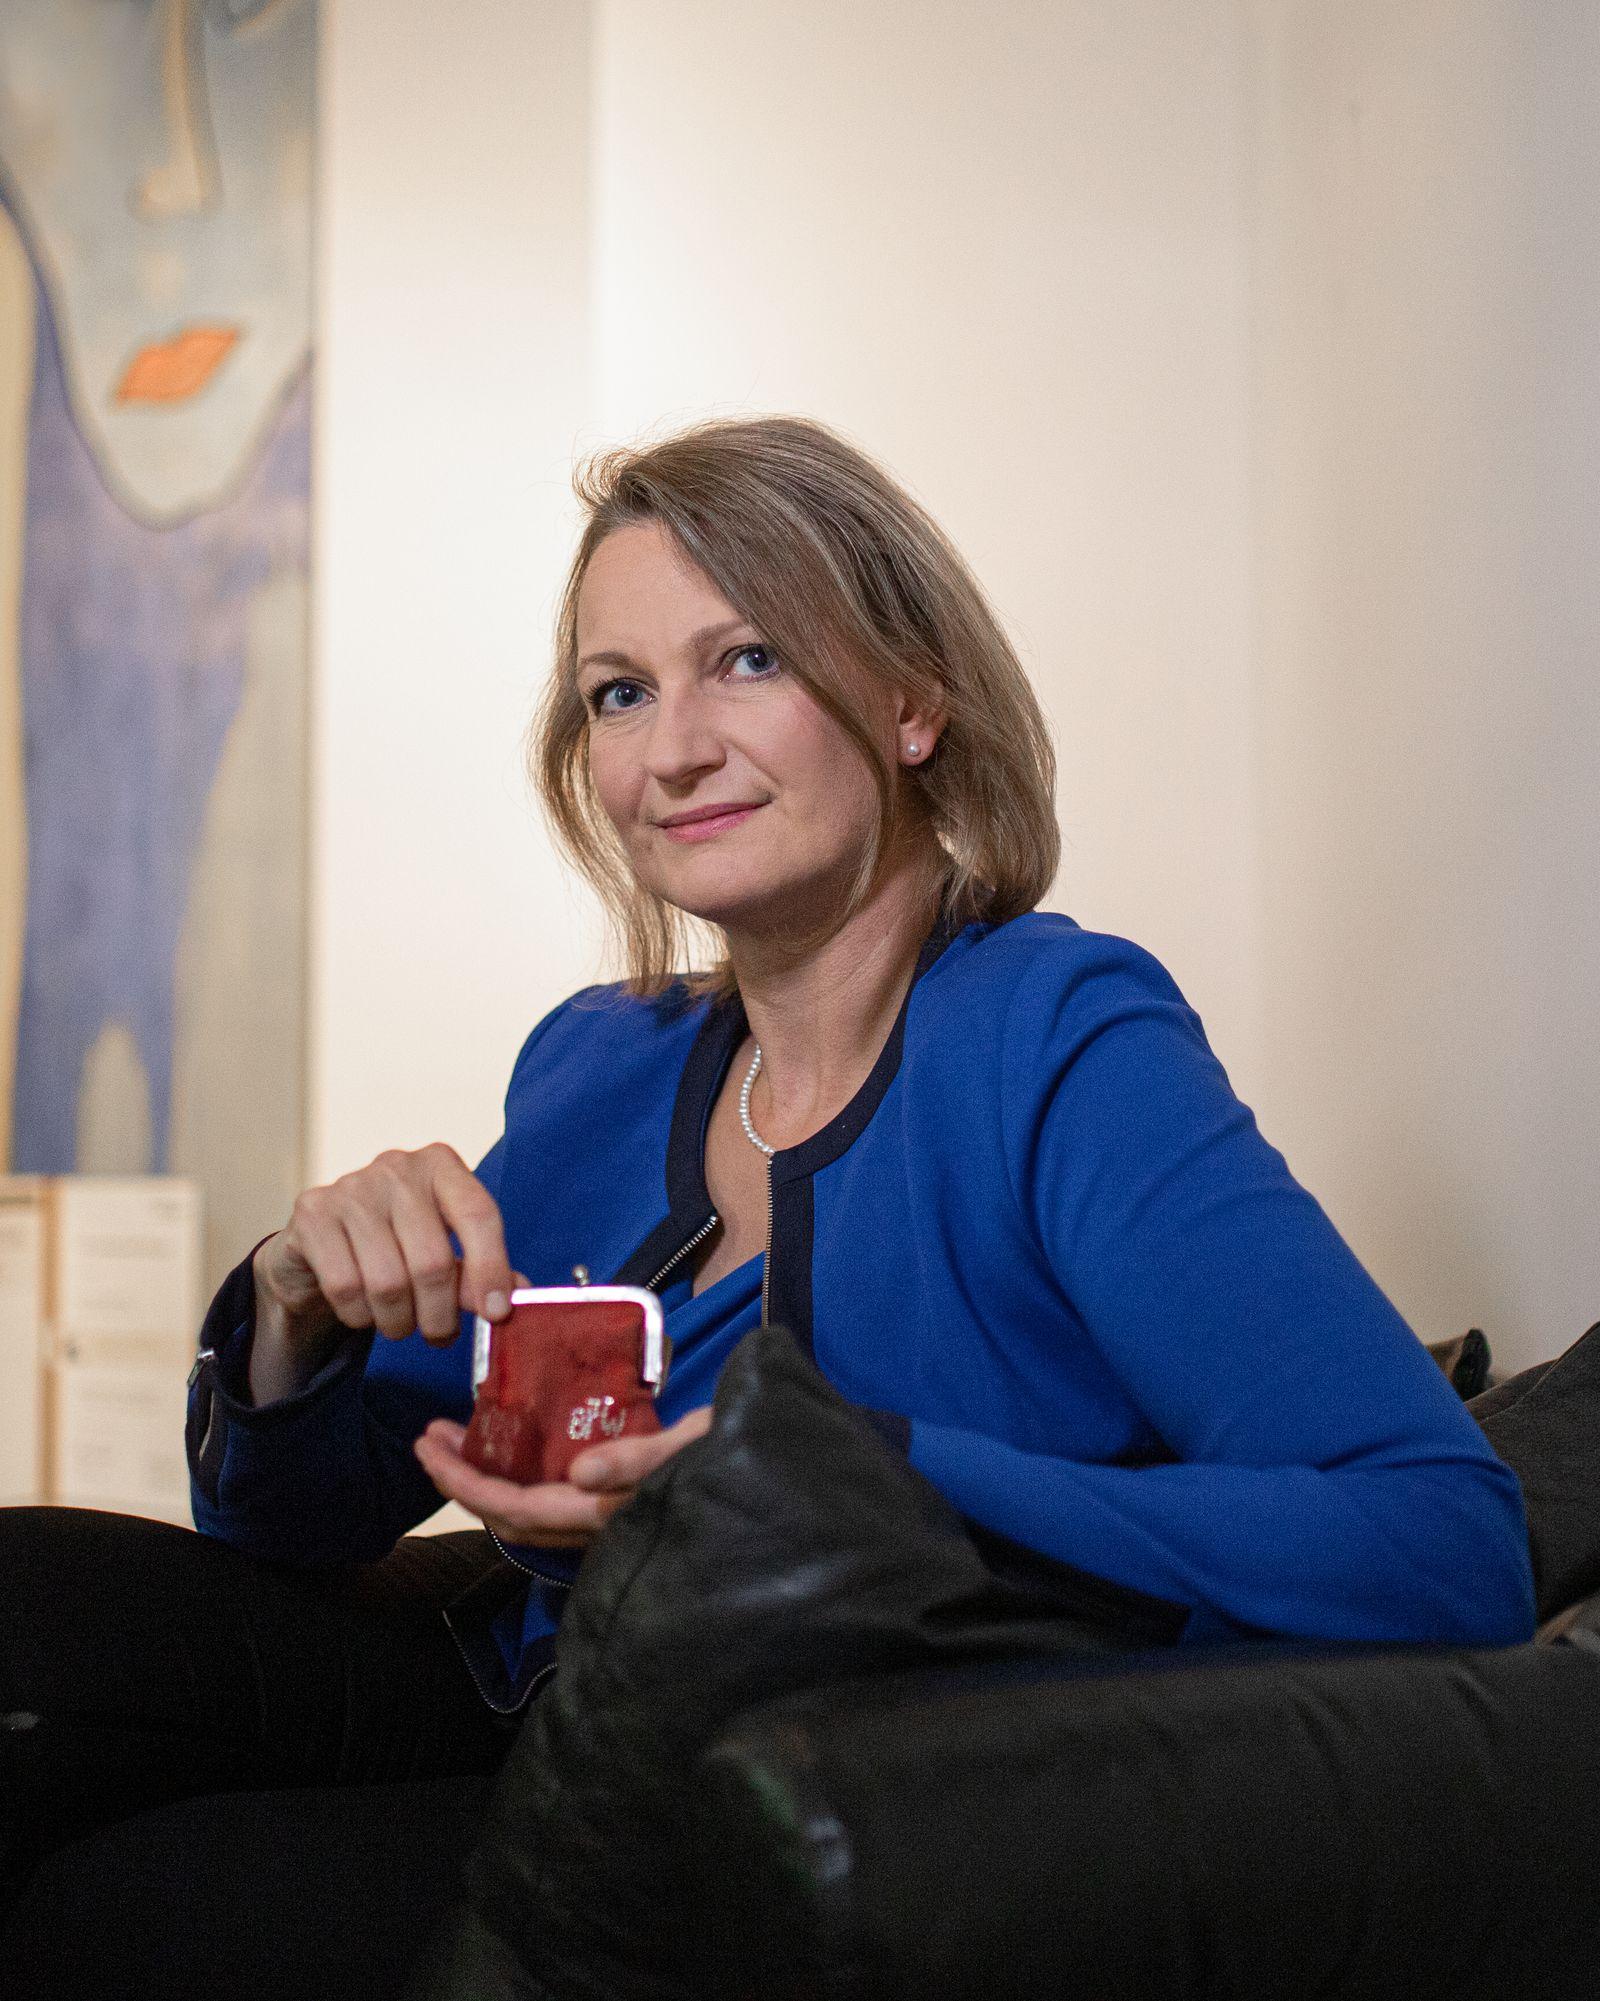 Katharina_Schueller_-_CEO_STAT-UP